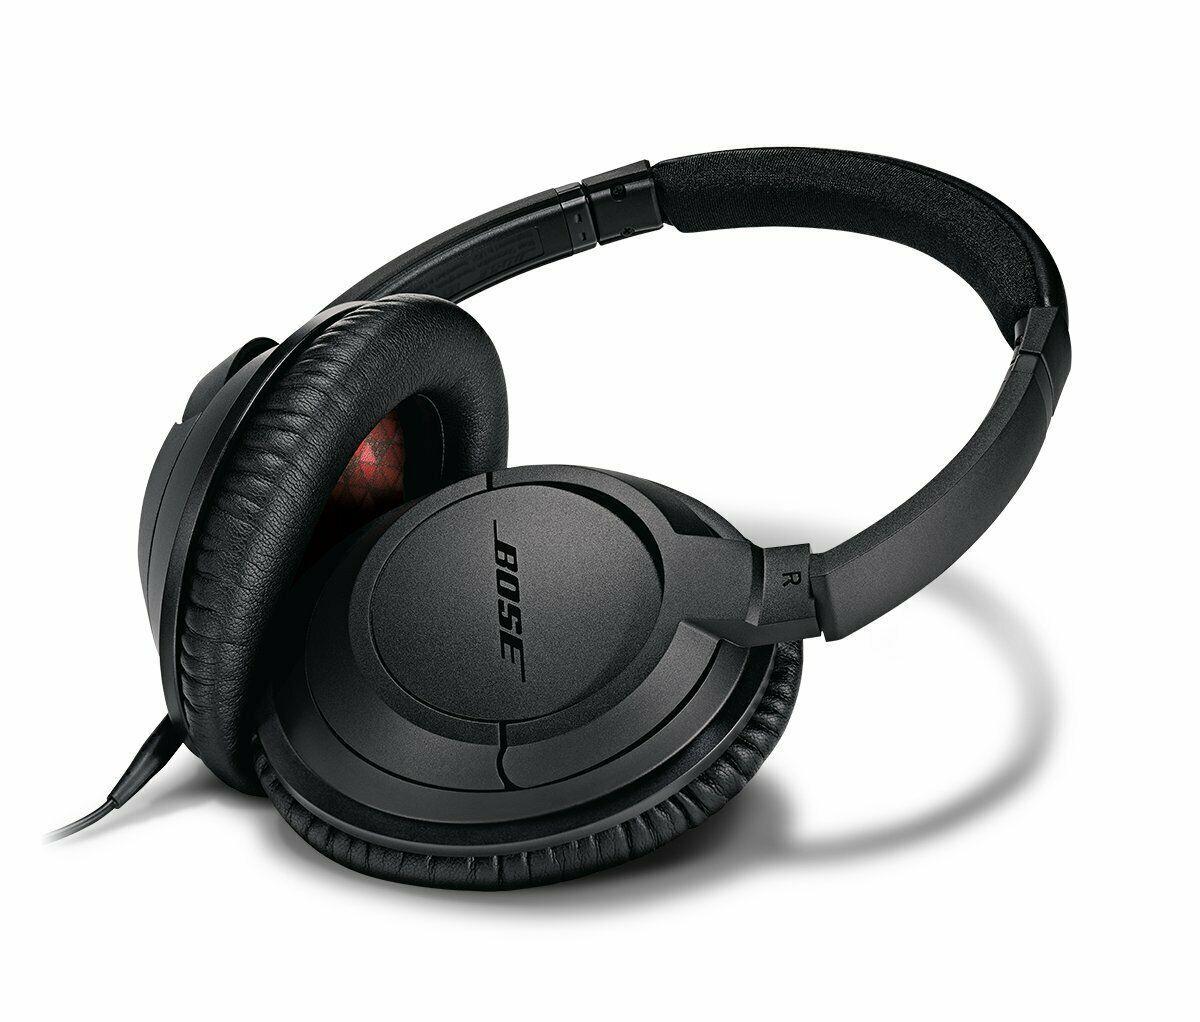 61 OFF! Bose SoundTrue AroundEar Headphones Black